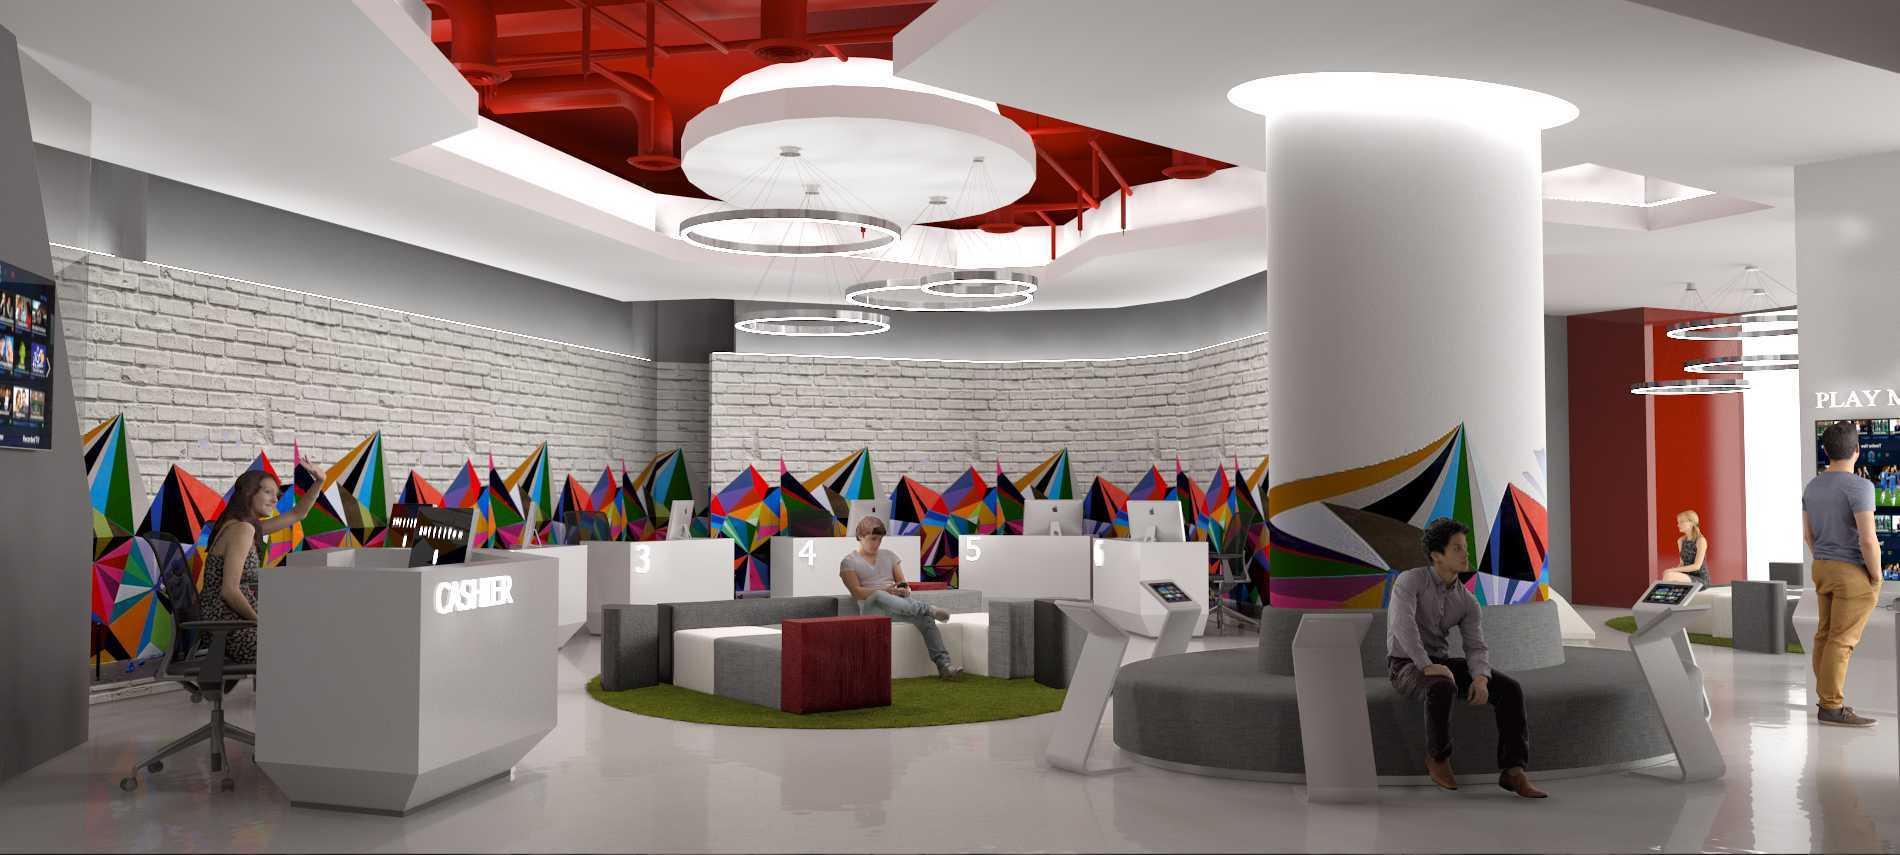 Irvan Ginanjar Office Showroom Bandung, Indonesia Bandung, Indonesia Waiting Area   16826